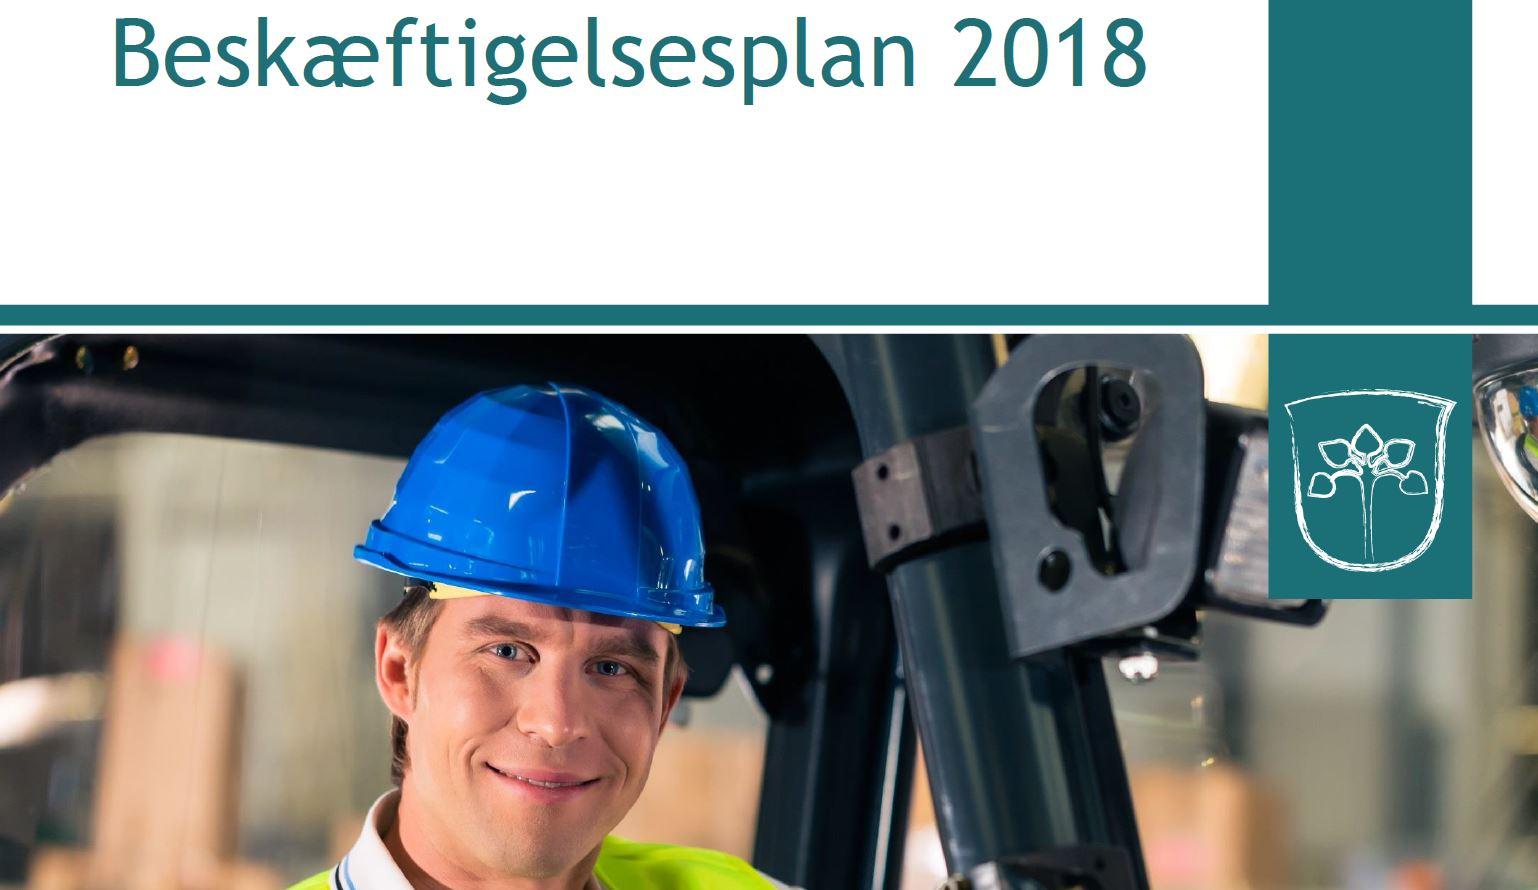 Beskæftigelsesplan 2018